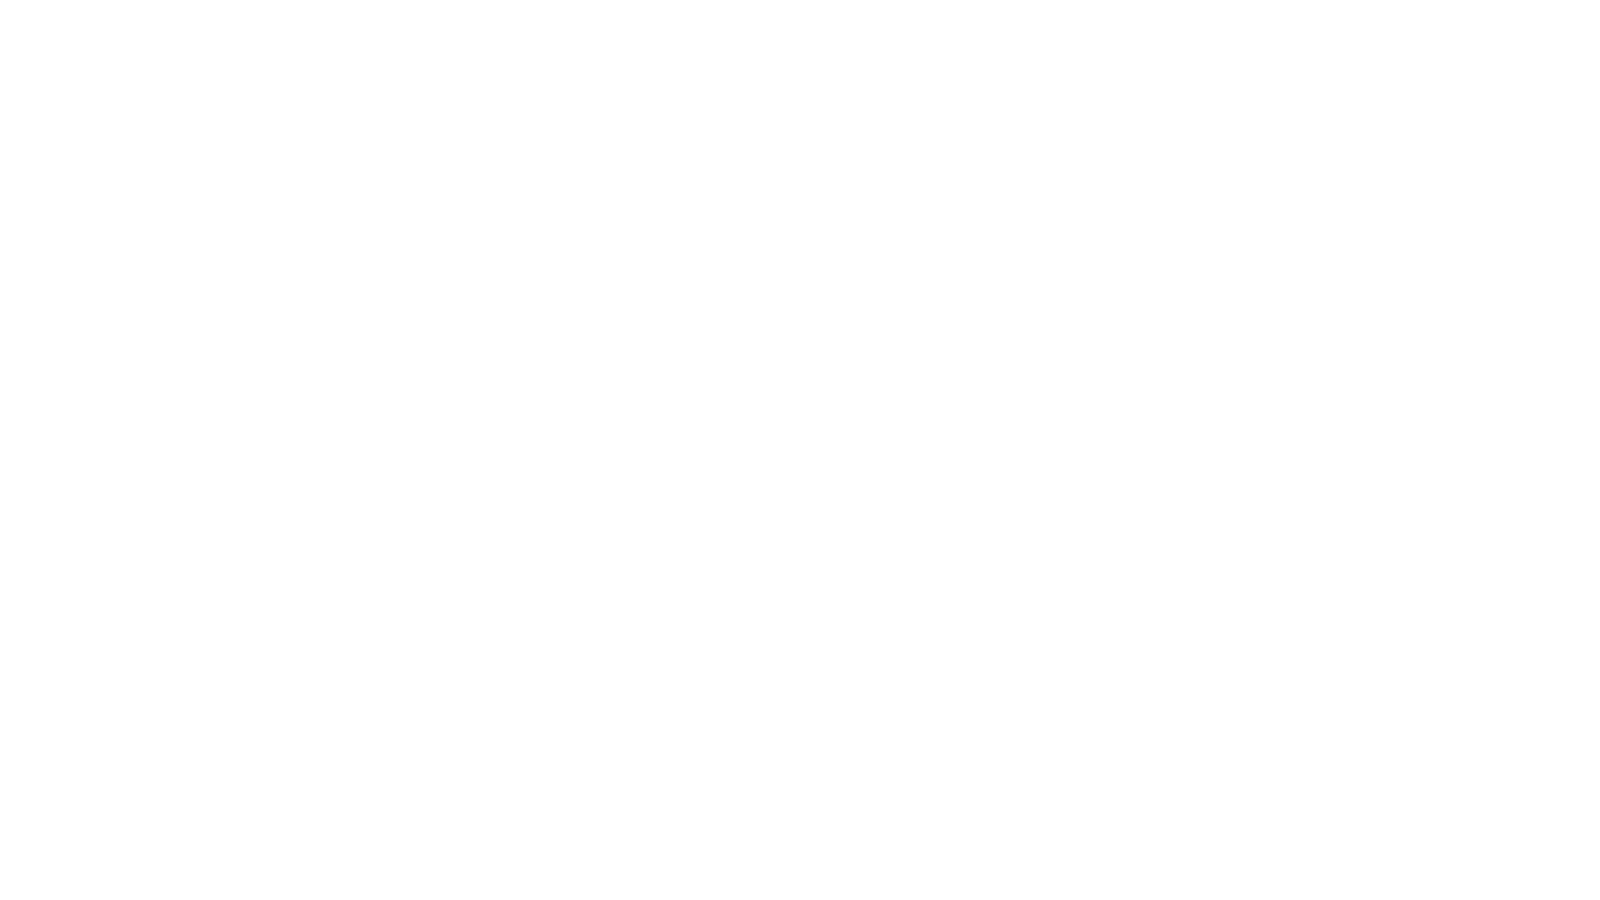 Выпускной в лофте - что может быть самым запоминающимся в жизни выпускников 4-х классов! Выпускной квест и мультимедийная развлекательная программа не оставим равнодушным даже самого заядлого скептика!📺В ПРОГРАММЕ:🔸Часовой квест по мотивам легендарной телепередачи «Форт Боярд» (со старцем фурой, мастером игры, паспарту, логическими и активными заданиями, а в финале детей ждёт настоящая клетка с золотыми монетами);🔸Сладкий стол (7-8 видов пирожных, зефир, пастила, конфеты, фонтаны из лимонадов, напитки, вода, чай, кофе) БЕЗ ОГРАНИЧЕНИЙ); 🔸Мультимедийные конкурсы призы и подарки от компании; 🔸Зажигательный ведущий и аниматоры;🔸Диджей и дискотека по заказам выпускников; 🔸Флешмобы;🔸Выпуск шаров в небо;🔸Отдельная программа для родителей (от 10 чел.)🟠РАЗРЕШАЮТСЯ СВОИ НАПИТКИ И ПРОДУКТЫ ПИТАНИЯ!🗓Даты: Май 2022⏰Время сеансов: 10:00, 14:00 и 18:00🎫 Стоимость билетов: 👦Детский билет: от 3 000 ₽*👩🏻Взрослый билет: от 2 000 ₽**Стоимость билетов варьируется от количества участников мероприятия и формата мероприятия⚠️Свободные сеансы и подробности концепции уточняйте у менеджеров по телефонам ниже!___📍Москва, Ленинский проспект 42к1🌐ВЫПУСКНОЙ-МОСКВА.РФ🌐ВЫПУСКНОЙВМОСКВЕ.РФ📞+7-966-5555-900